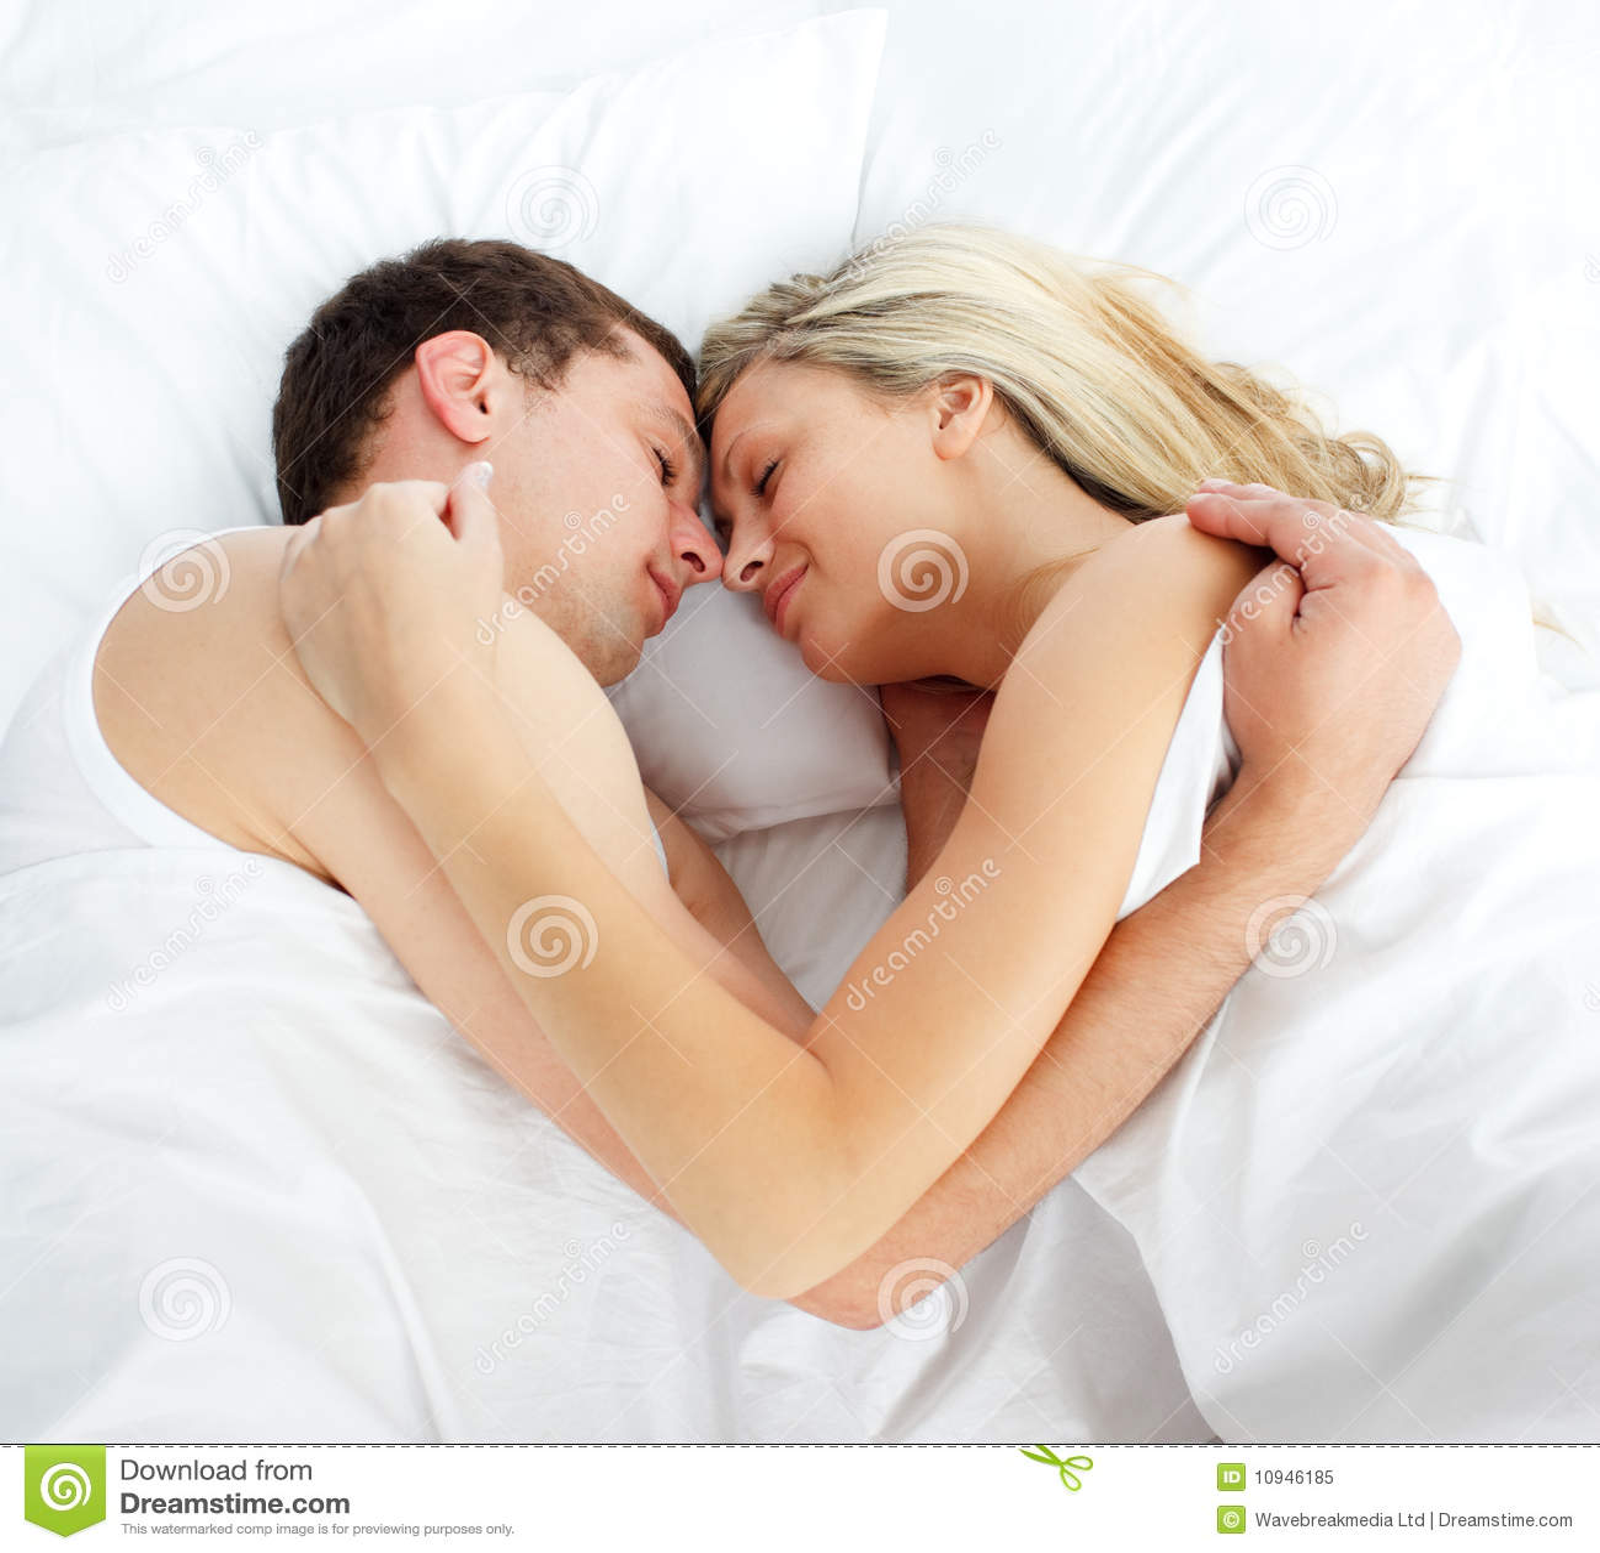 Фотки в постеле с девушкой 19 фотография